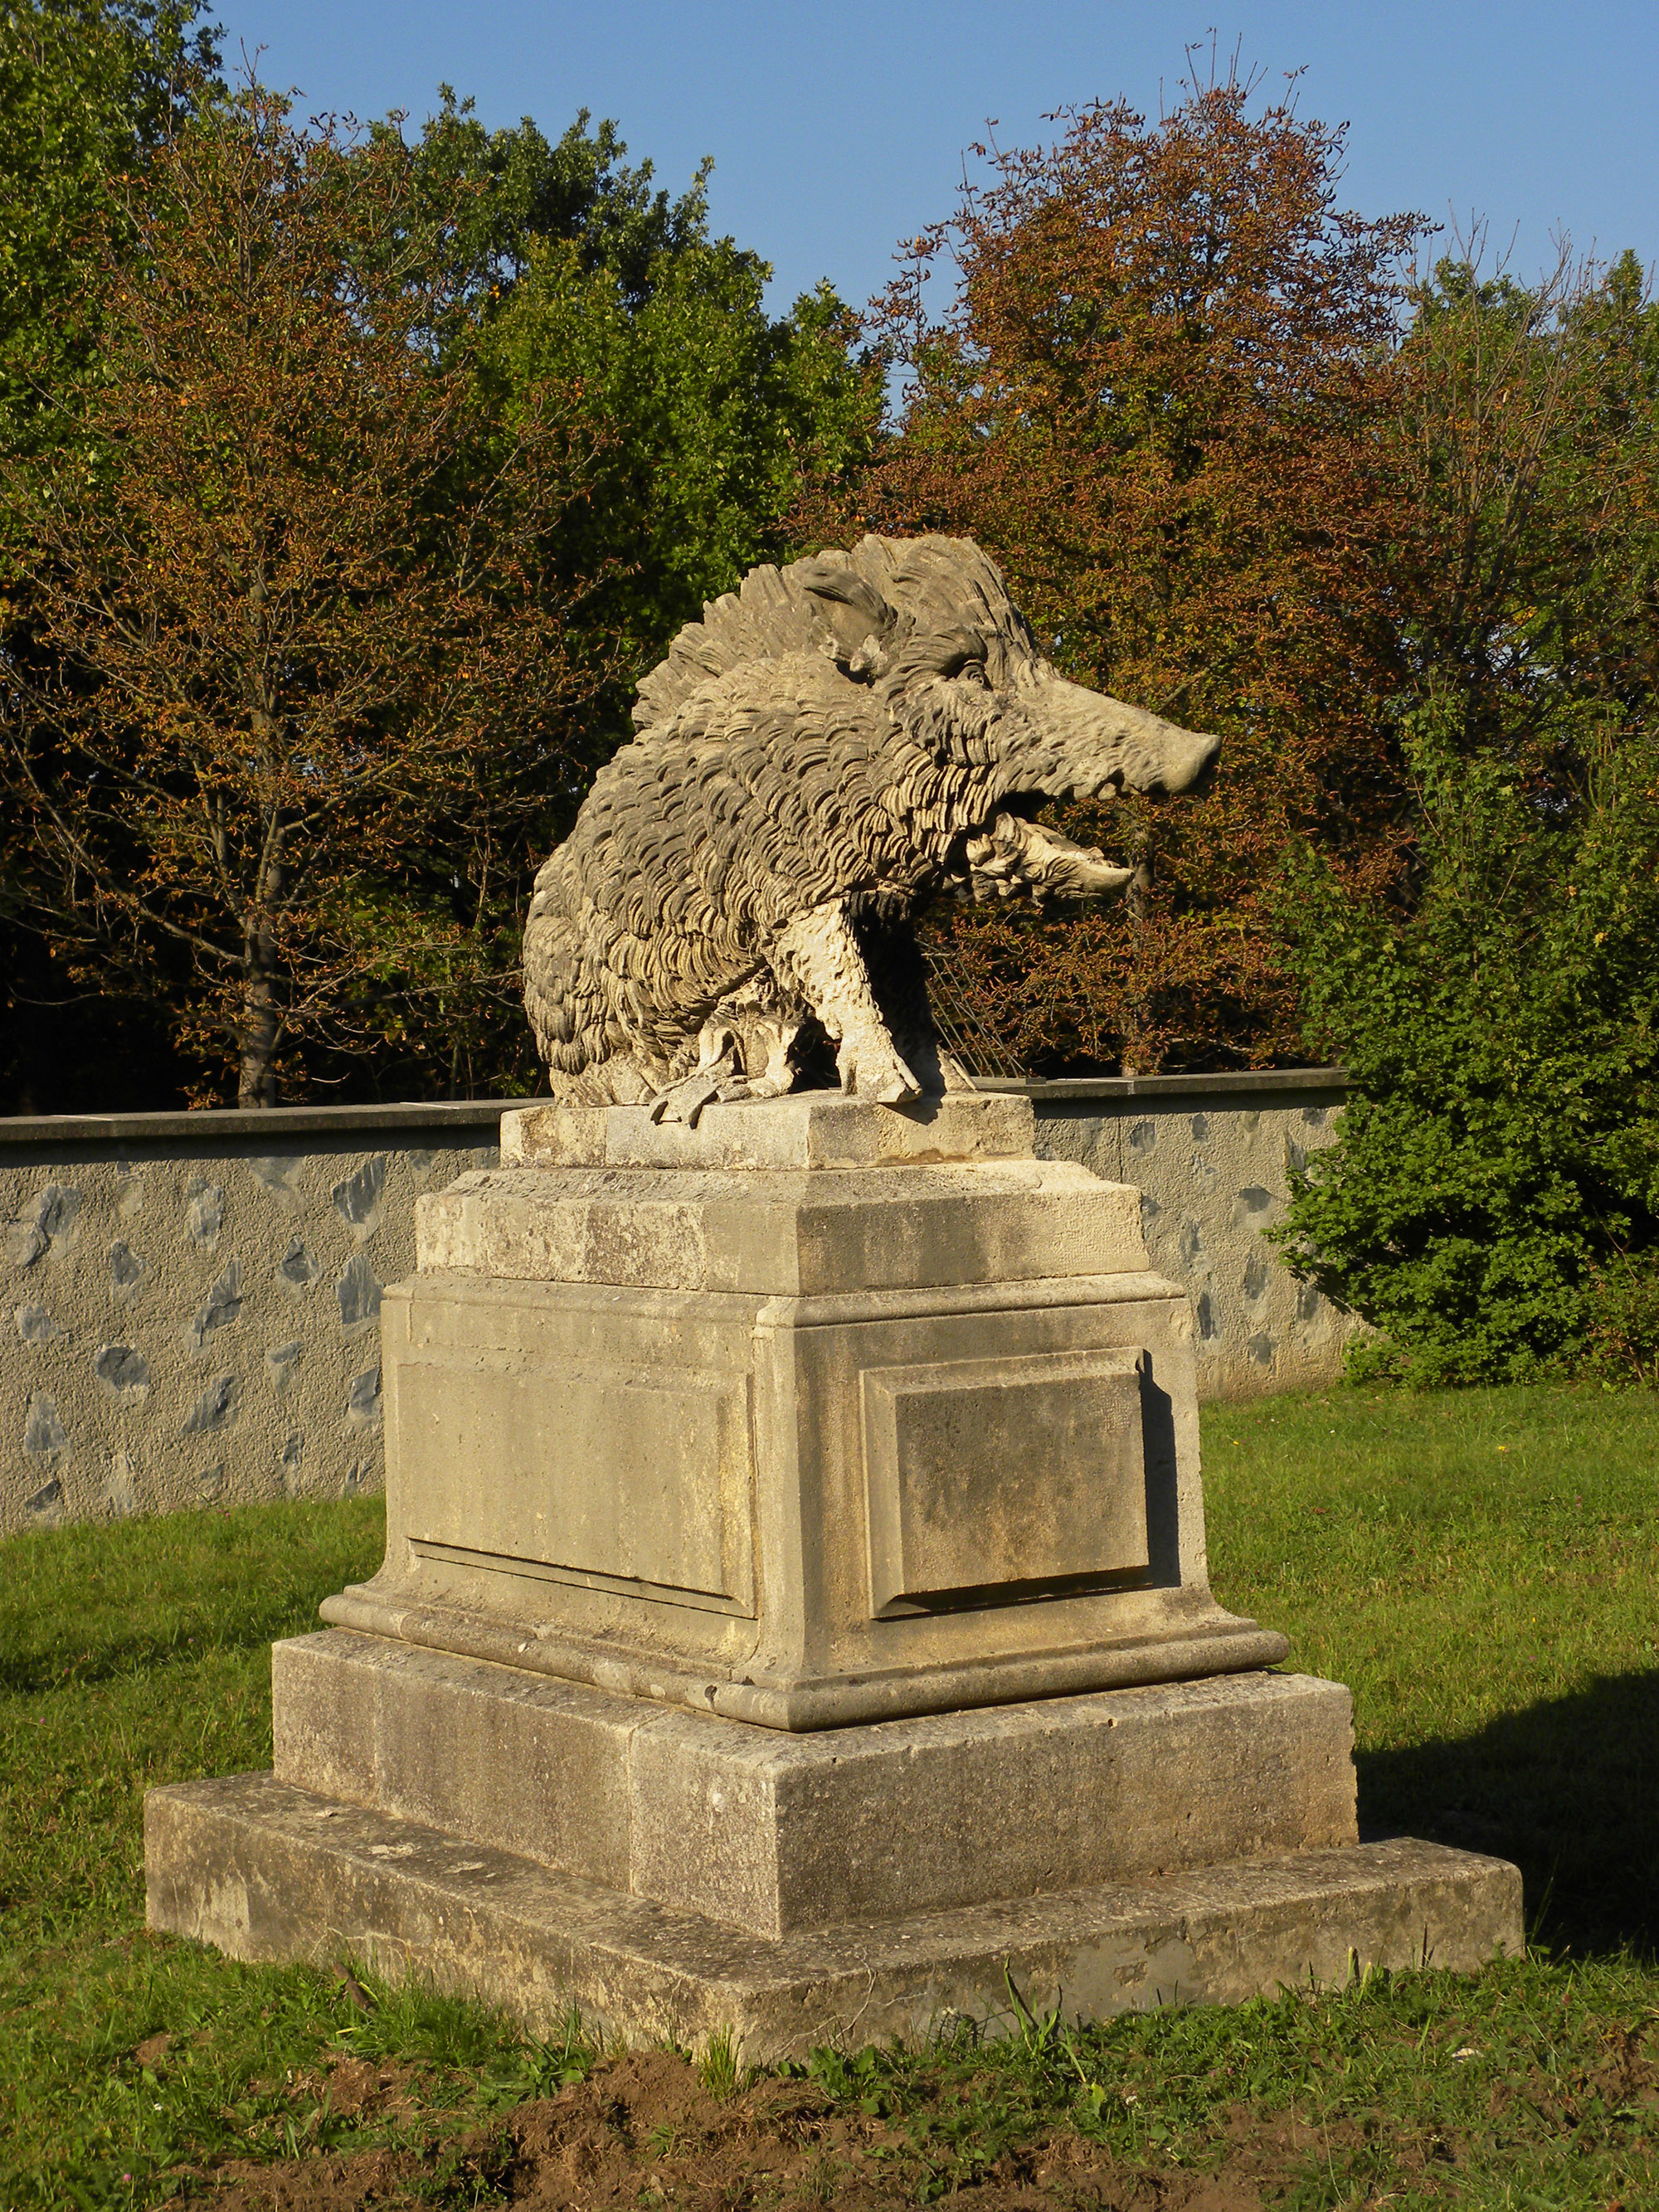 Lainzer Tiergarten Vienna im Lainzer Tiergarten.jpg